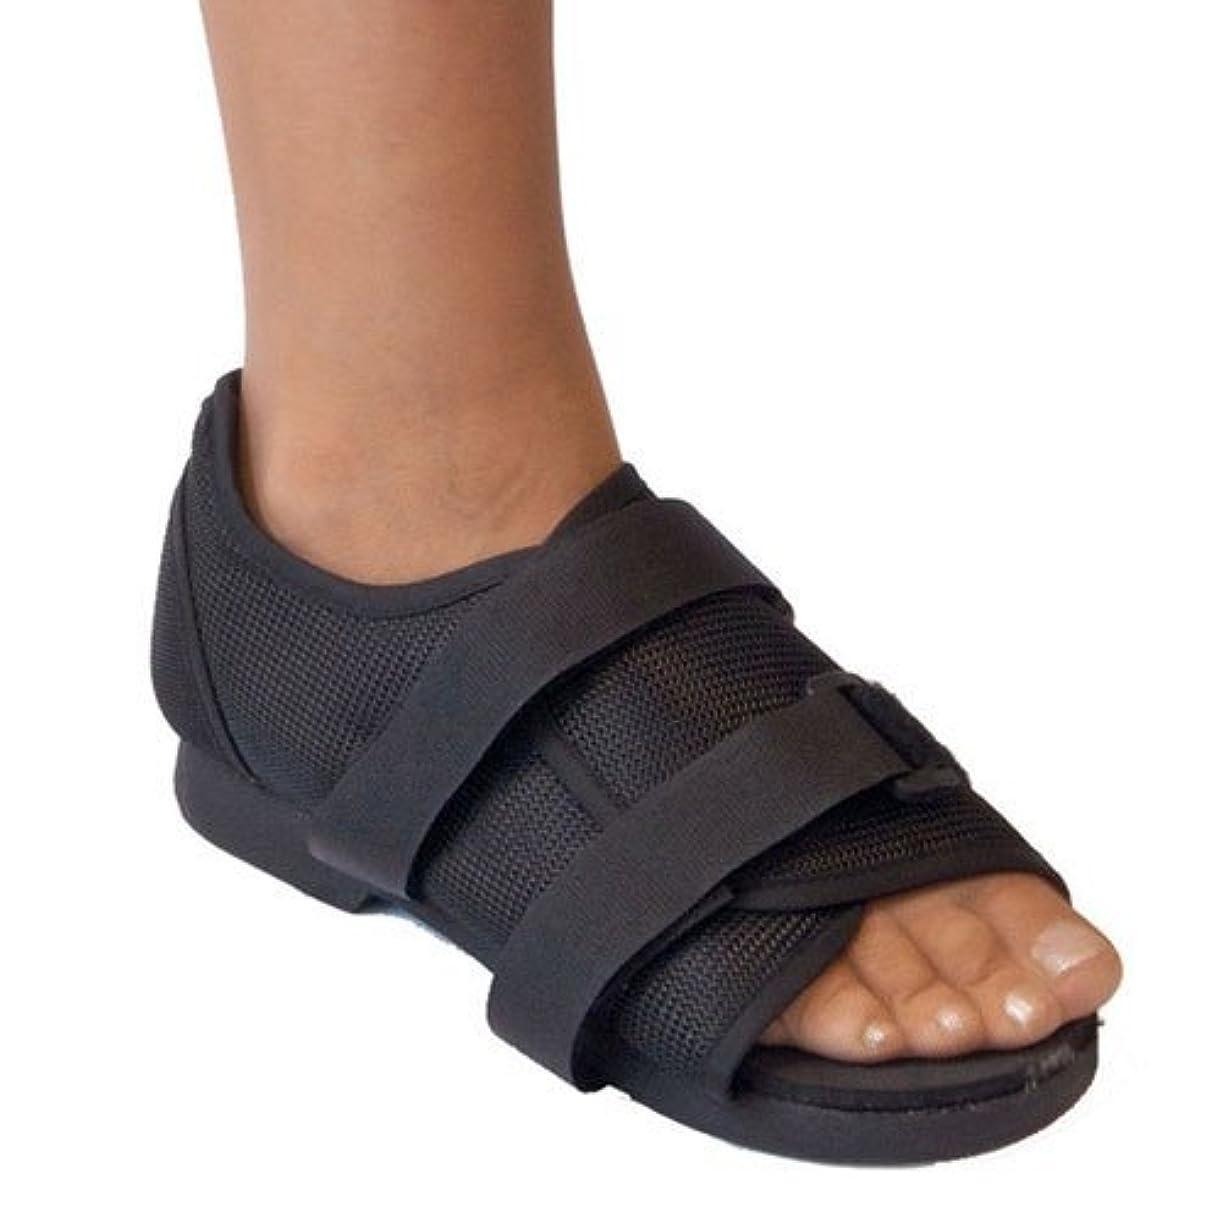 雇った科学永久術後靴、メディカルウォーキング、骨折した骨の耐久性のあるつま先整形外科サポートブレース。,M